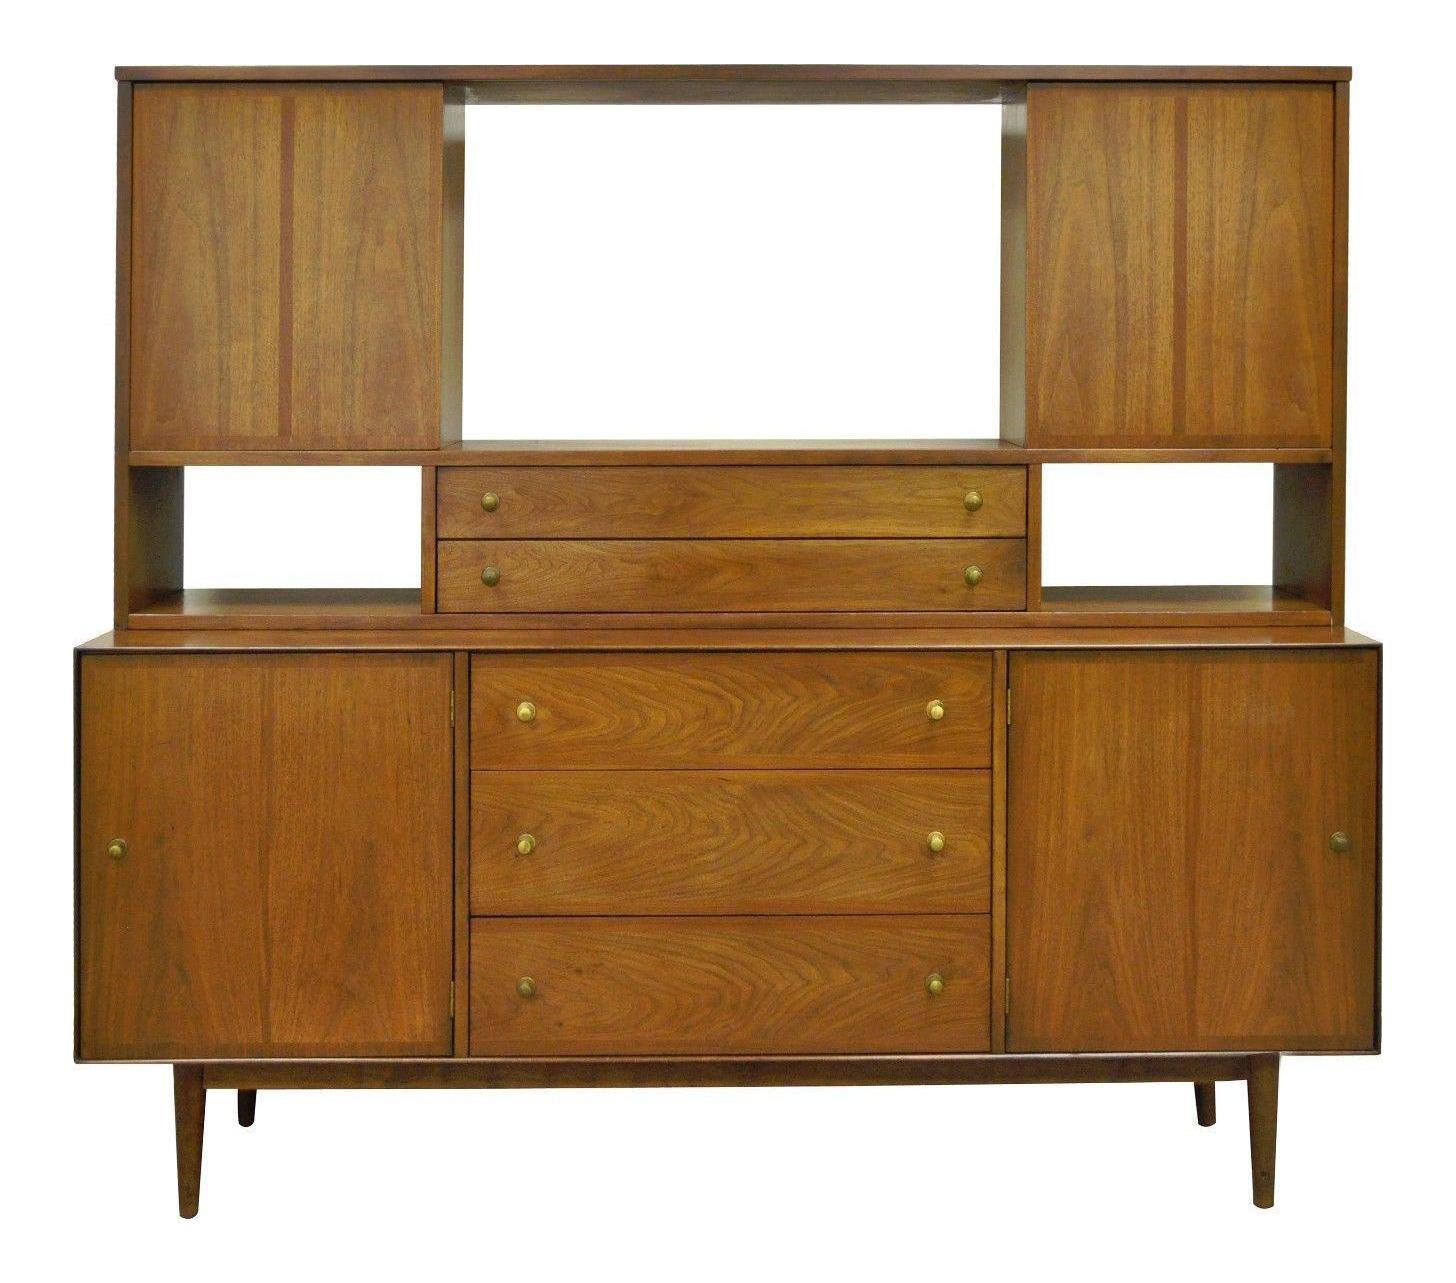 Vintage Stanley Mid Century Danish Modern Walnut Credenza Cabinet Bookcase